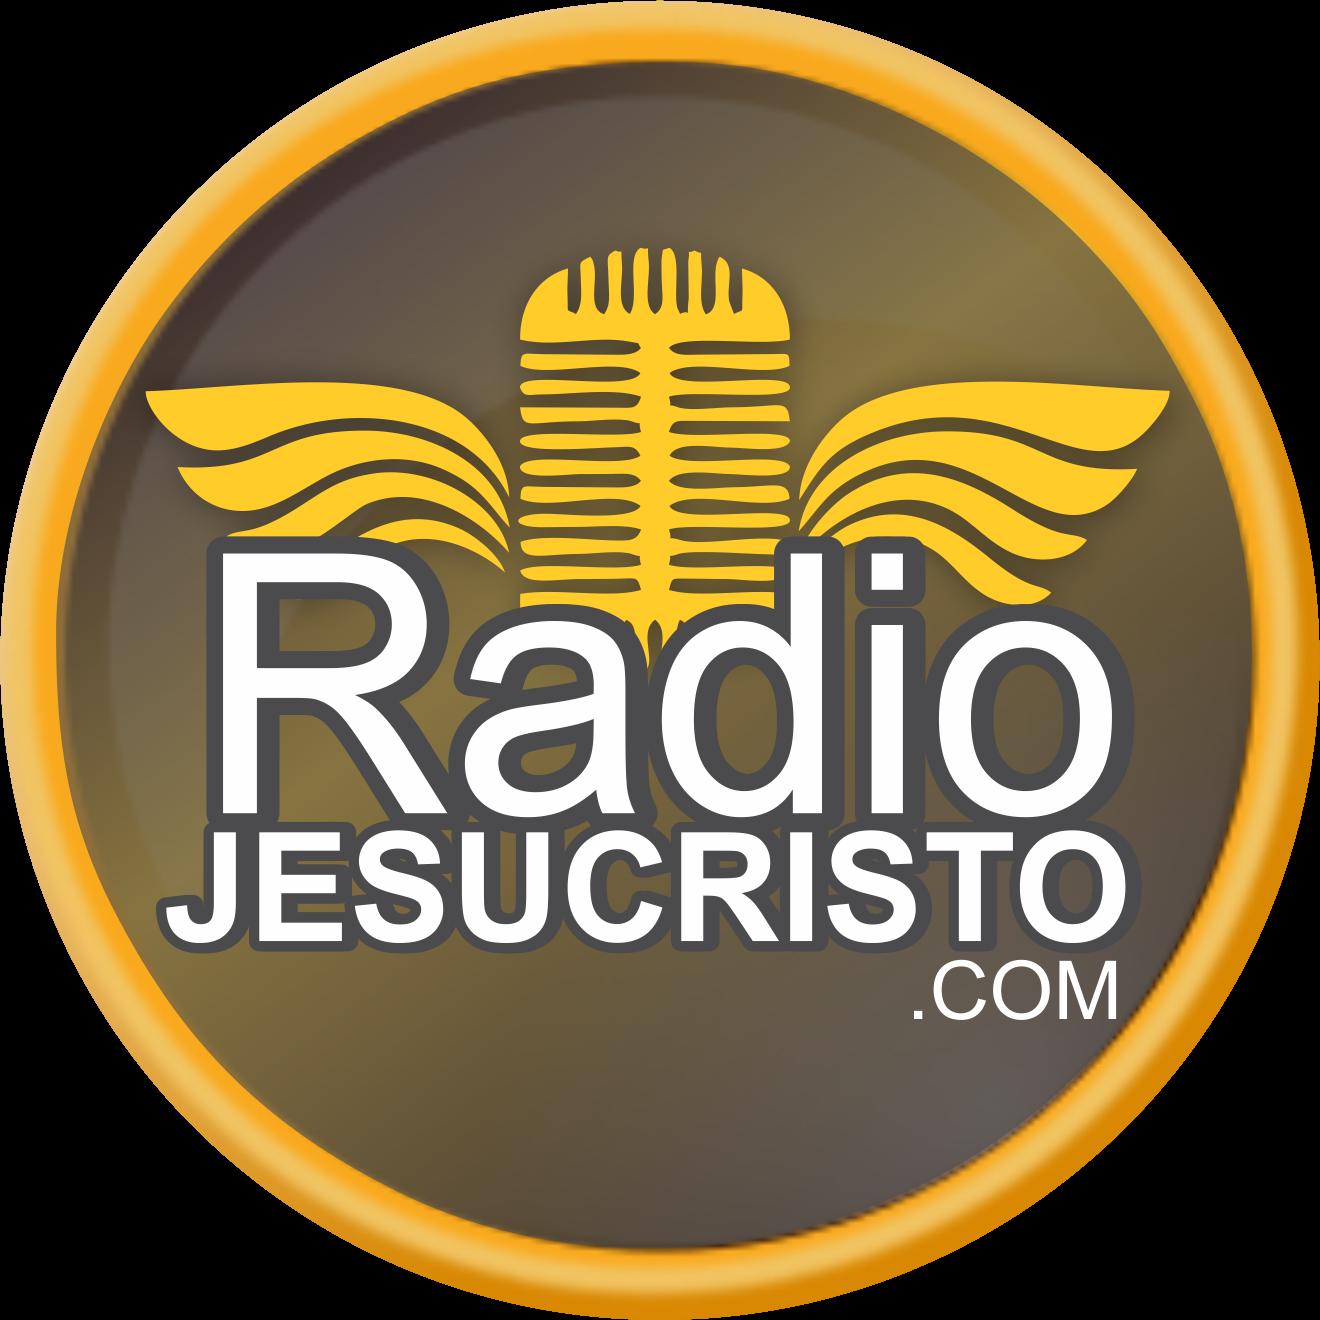 Radio Jesucristo